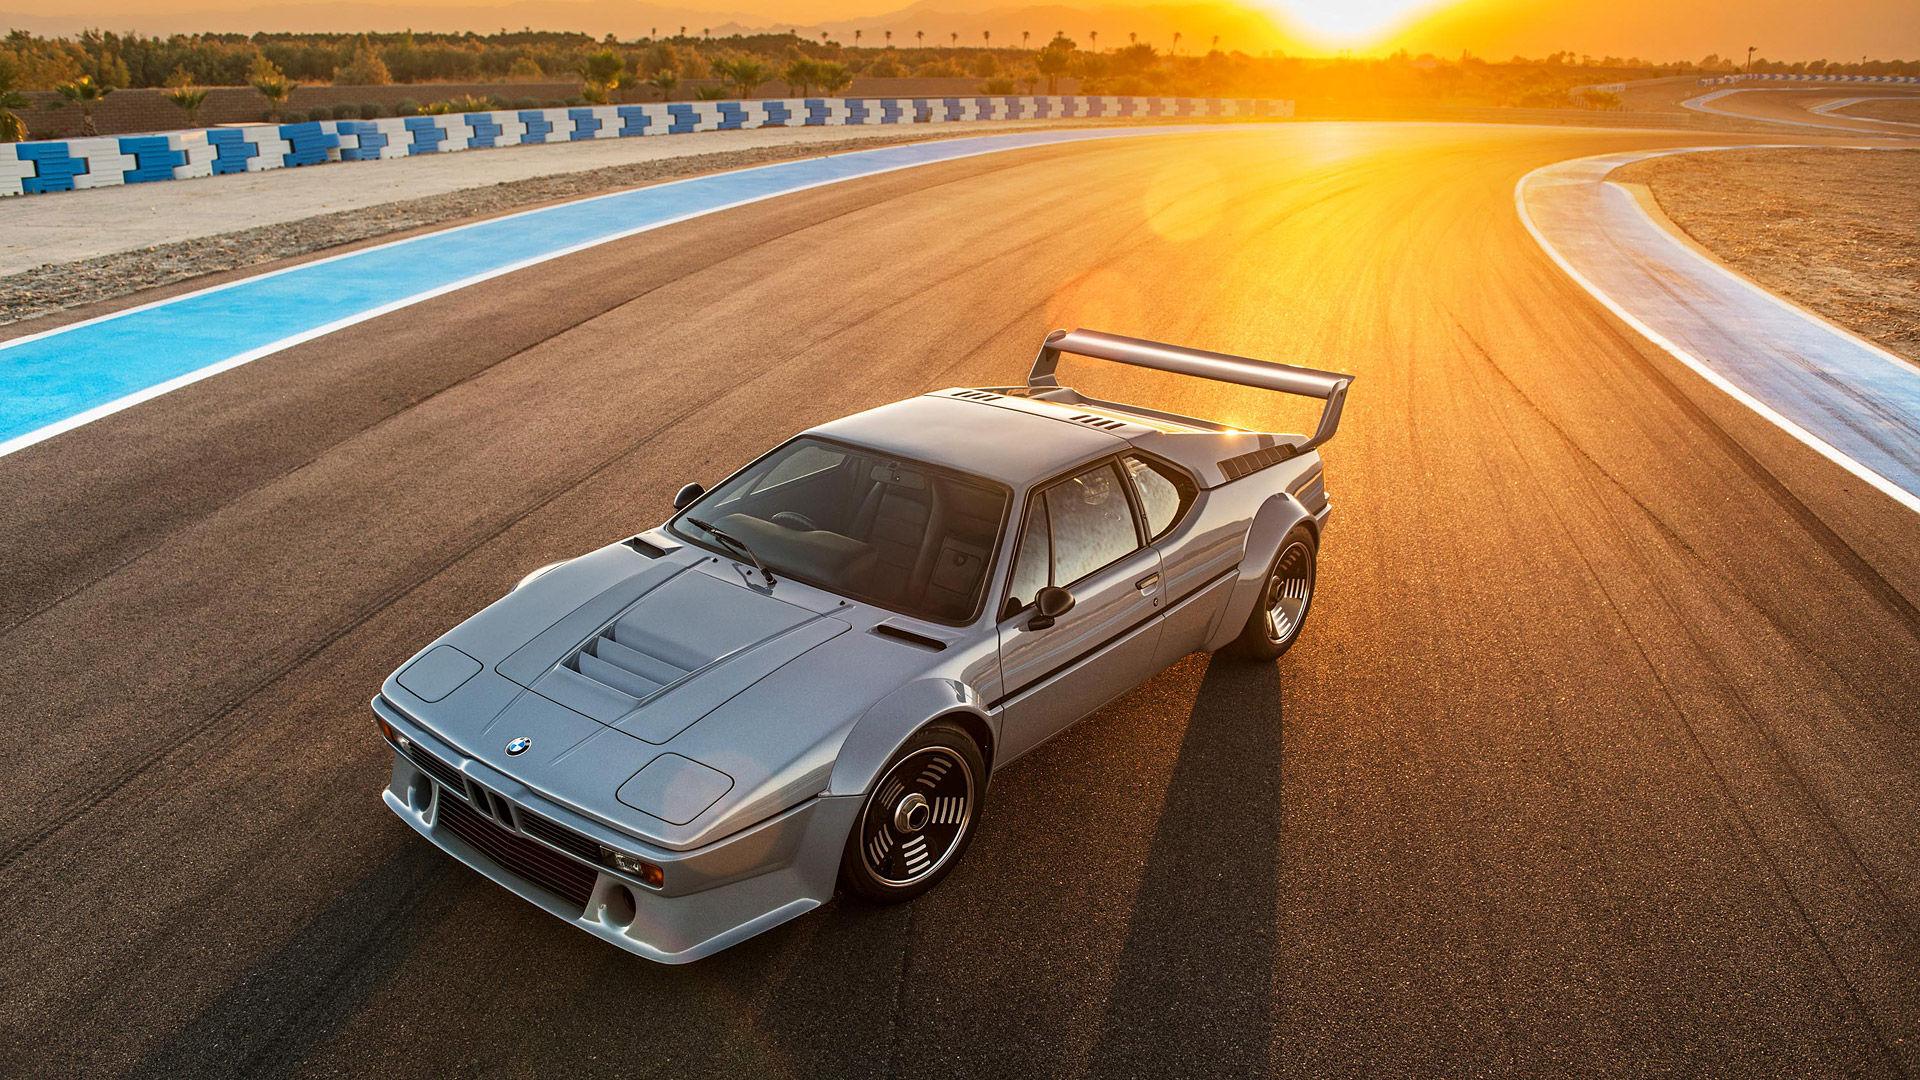 1979 Canepa BMW M1 Procar